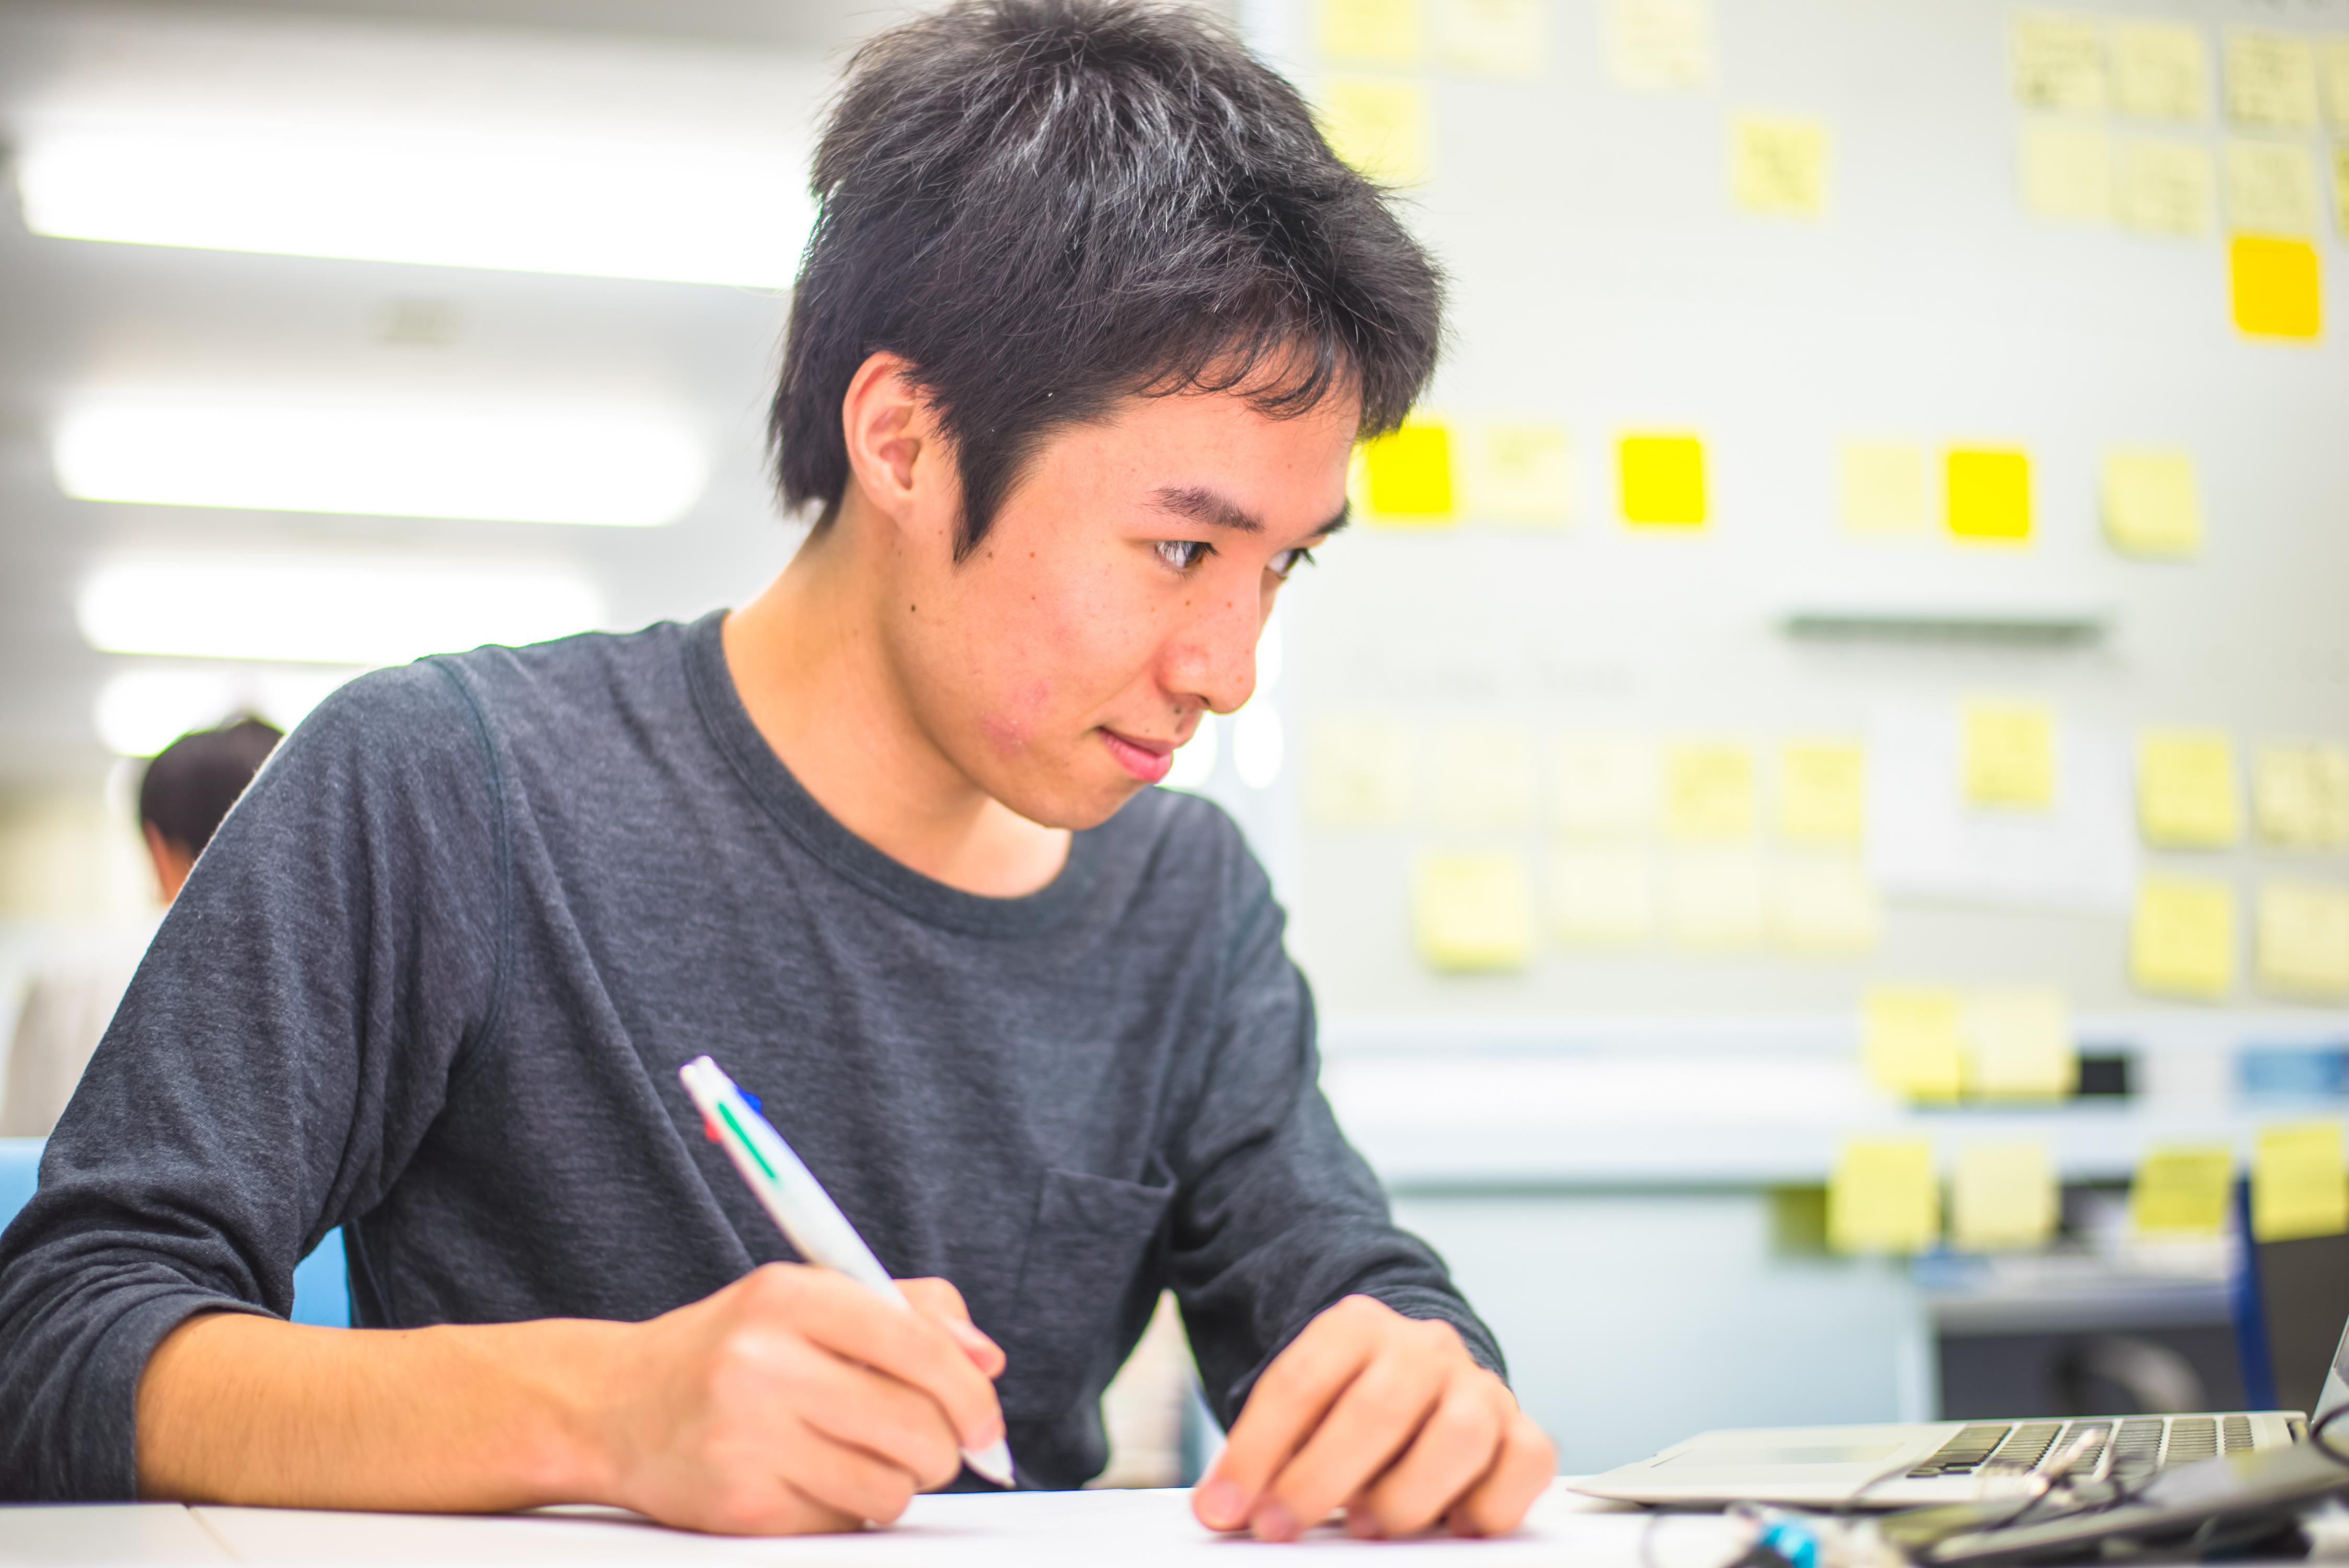 何のスキルもない大学生だったのに、今では凄腕デザイナーになった竹本さんにインタビュー